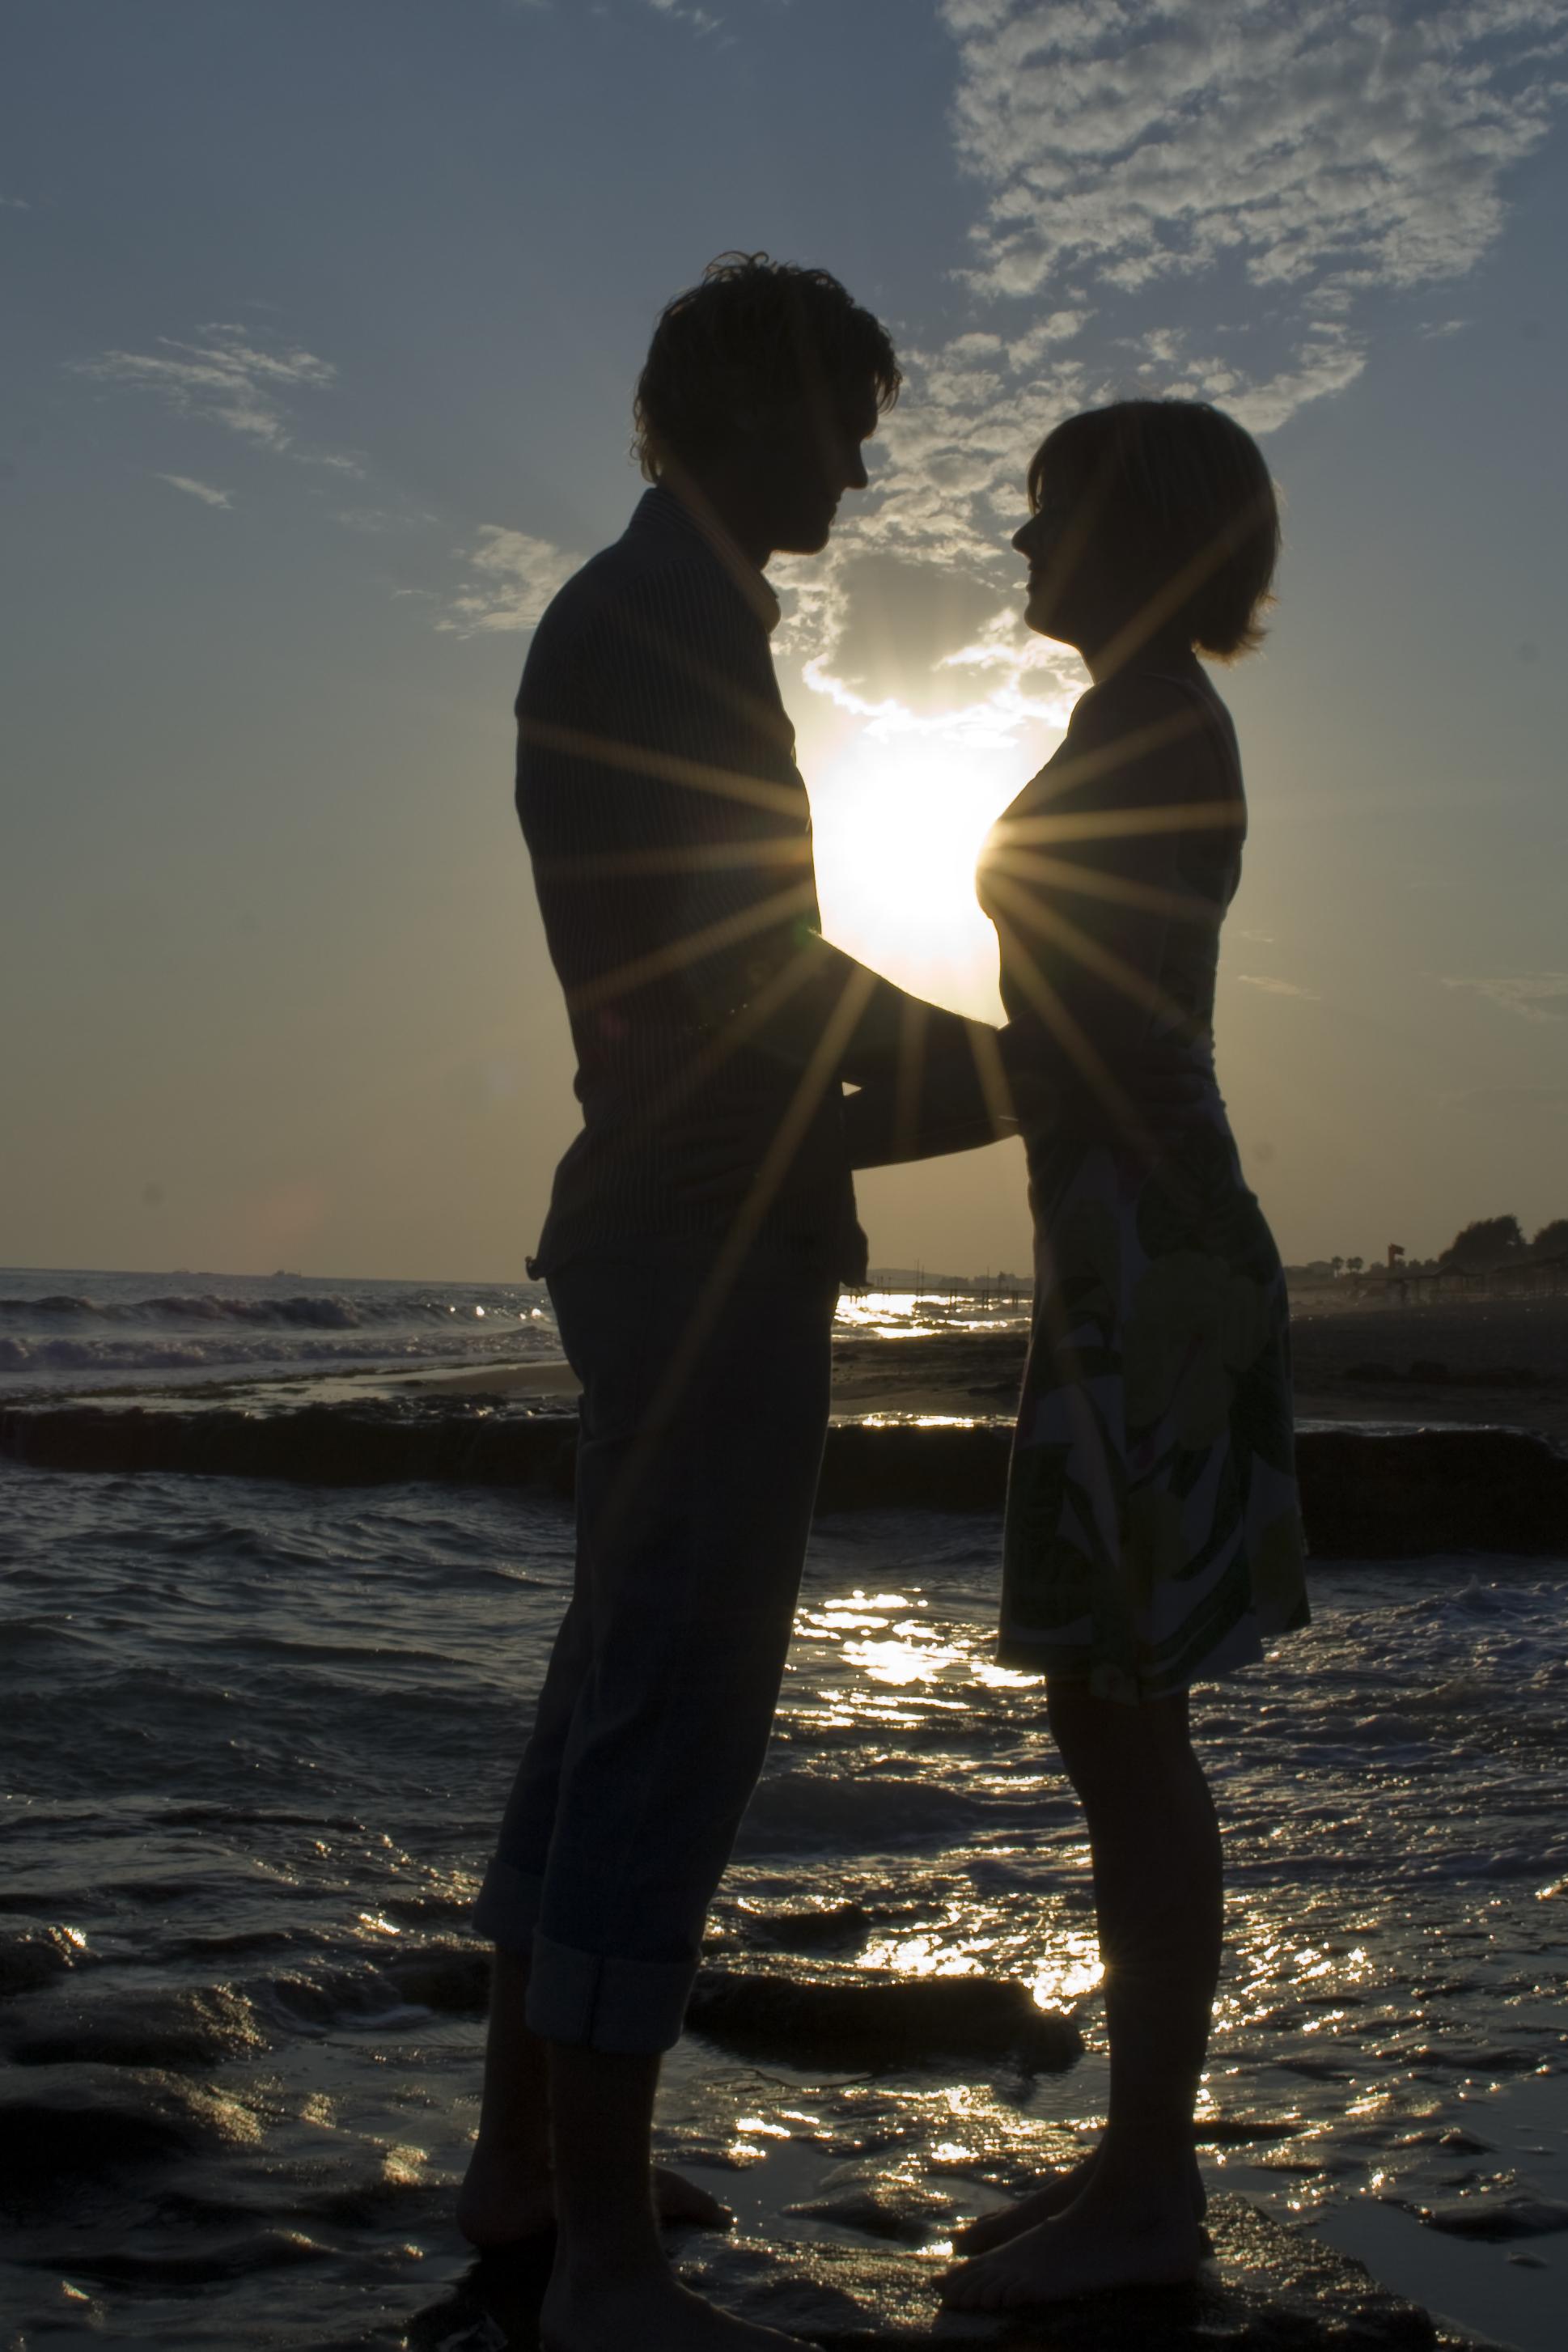 Henrik & Camilla at the beach Alanya